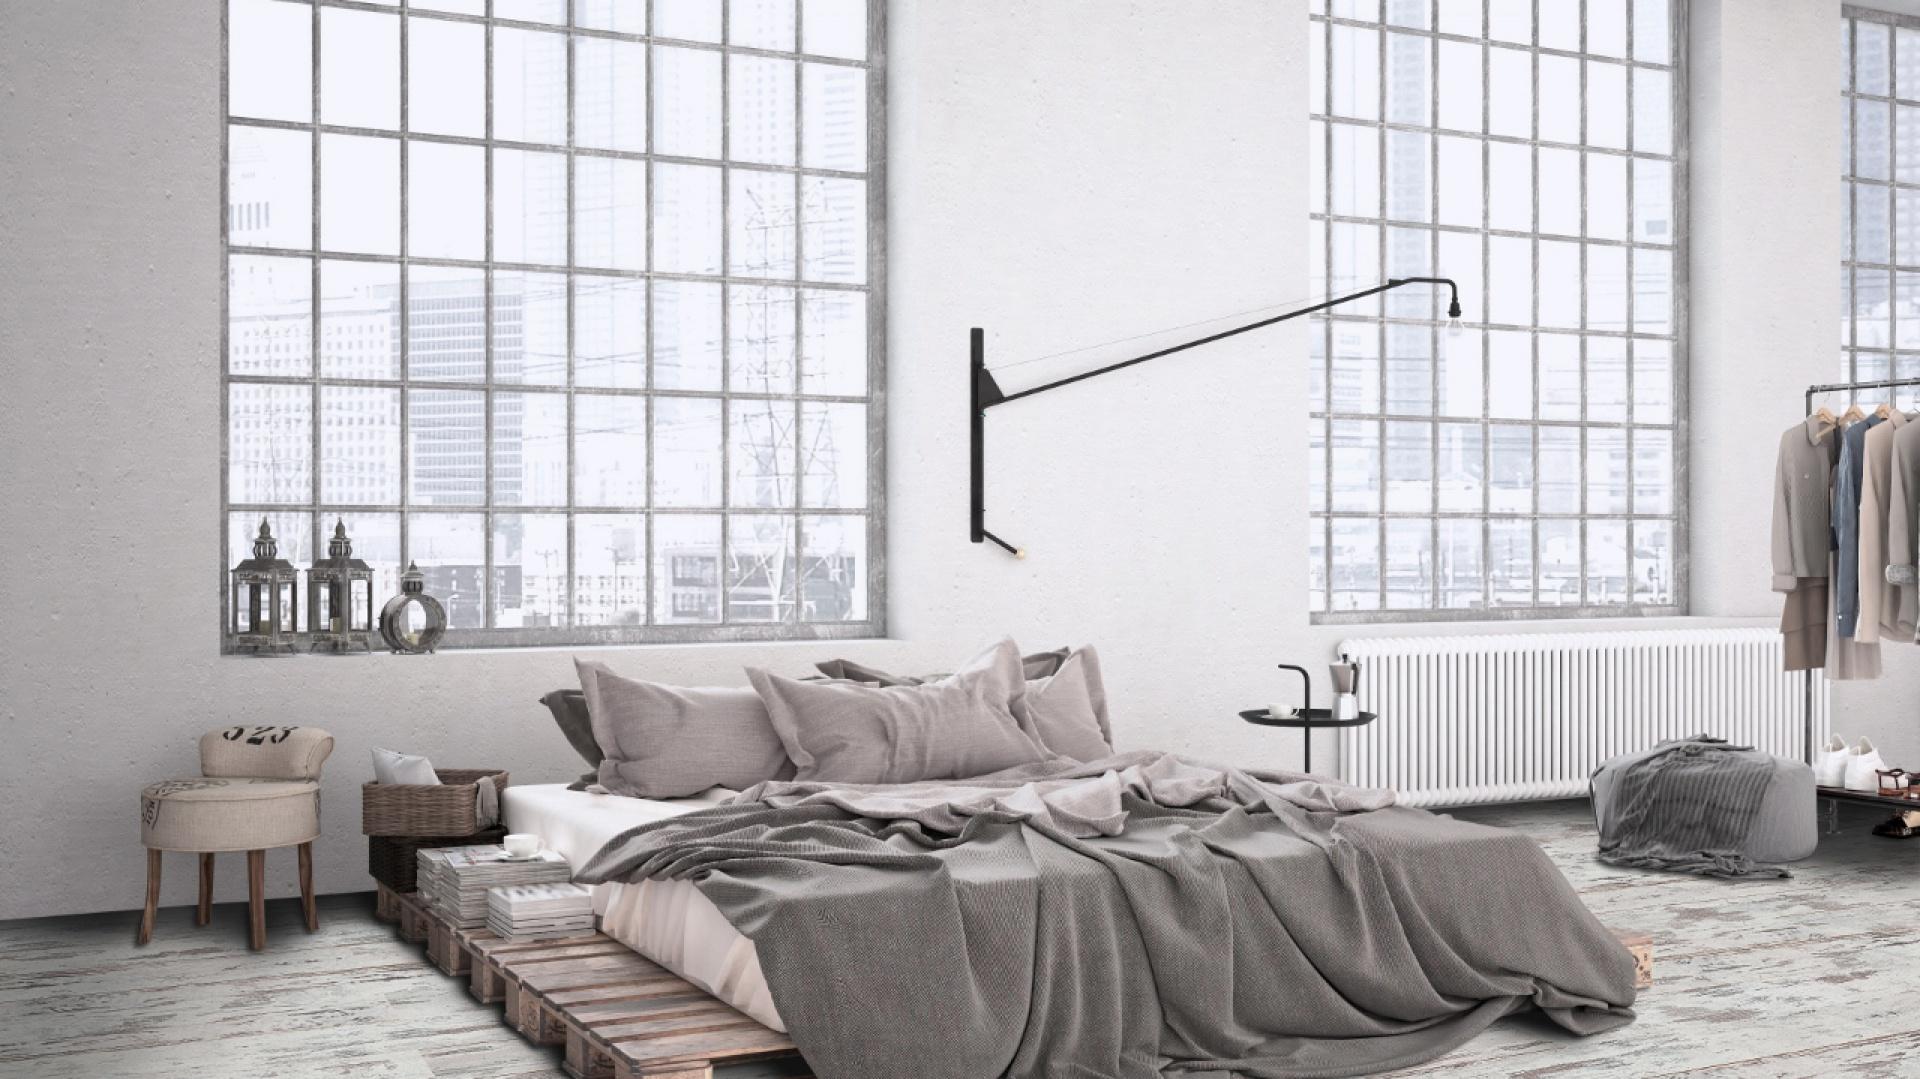 Przytulna Sypialnia 10 Pomysłów Jak Ją Urządzić